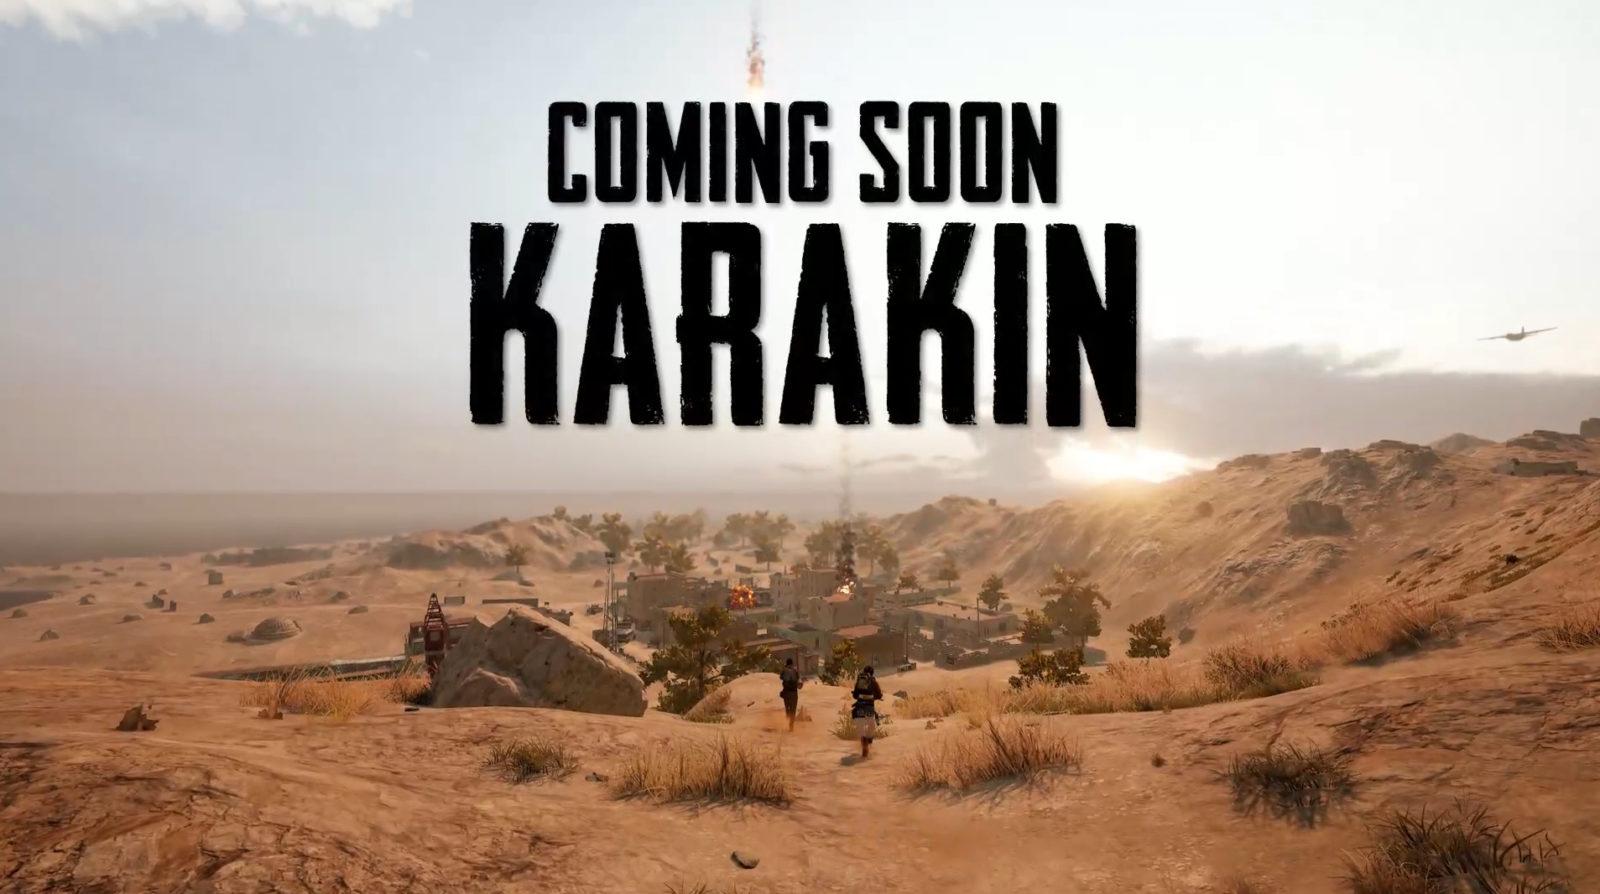 Новая карта Каракин, скоро в PUBG